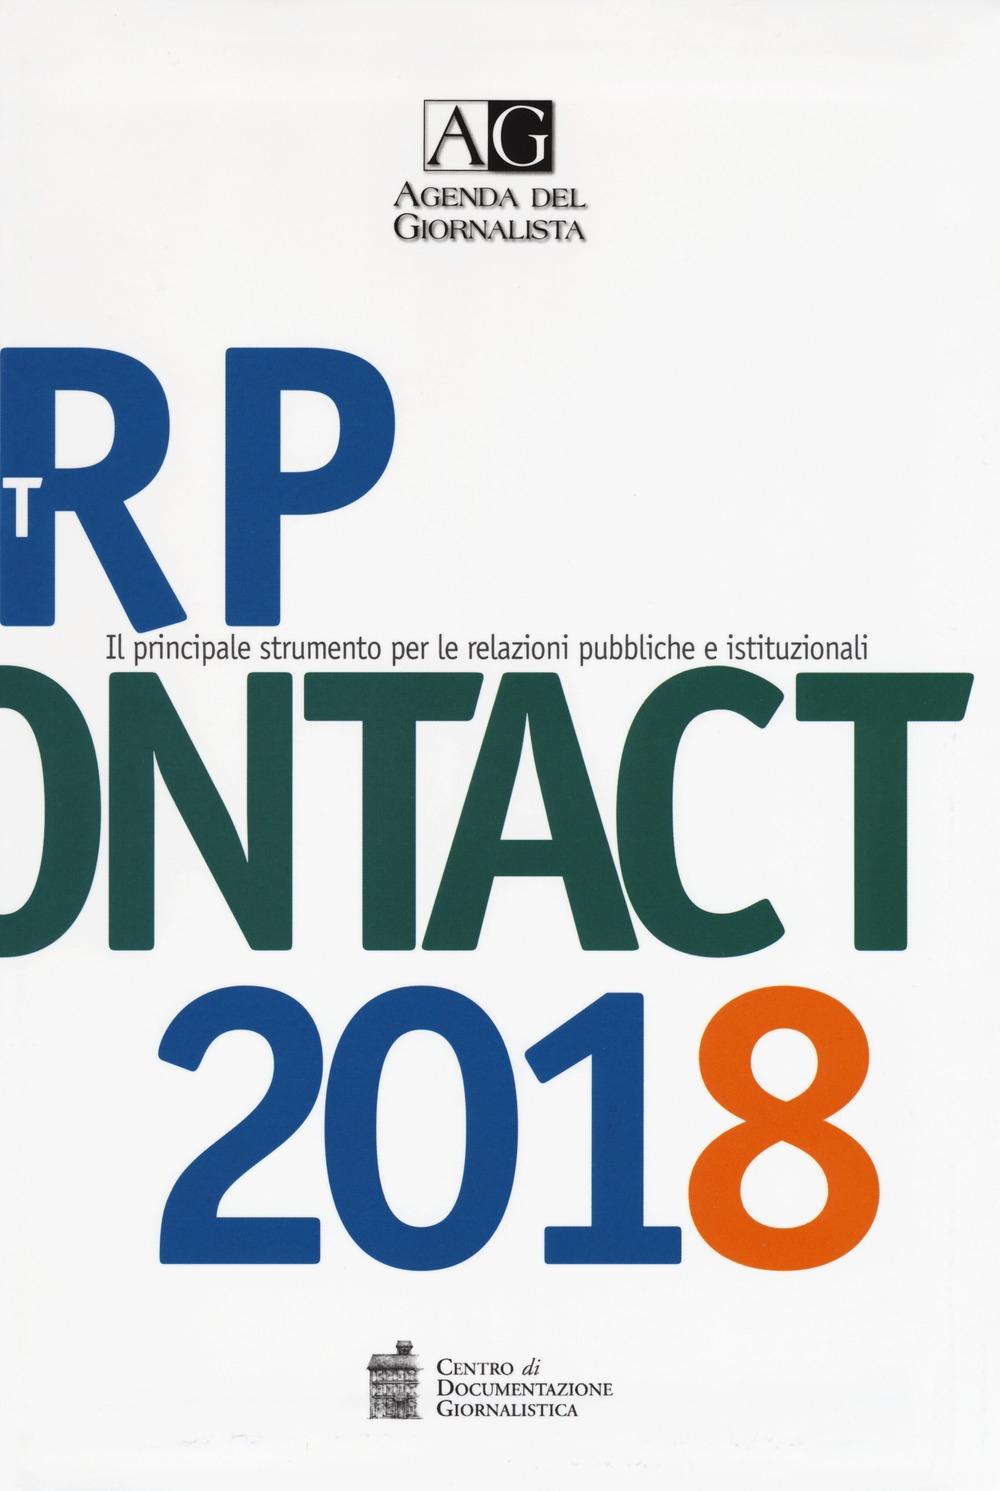 Agenda del giornalista 2018. Rp contact